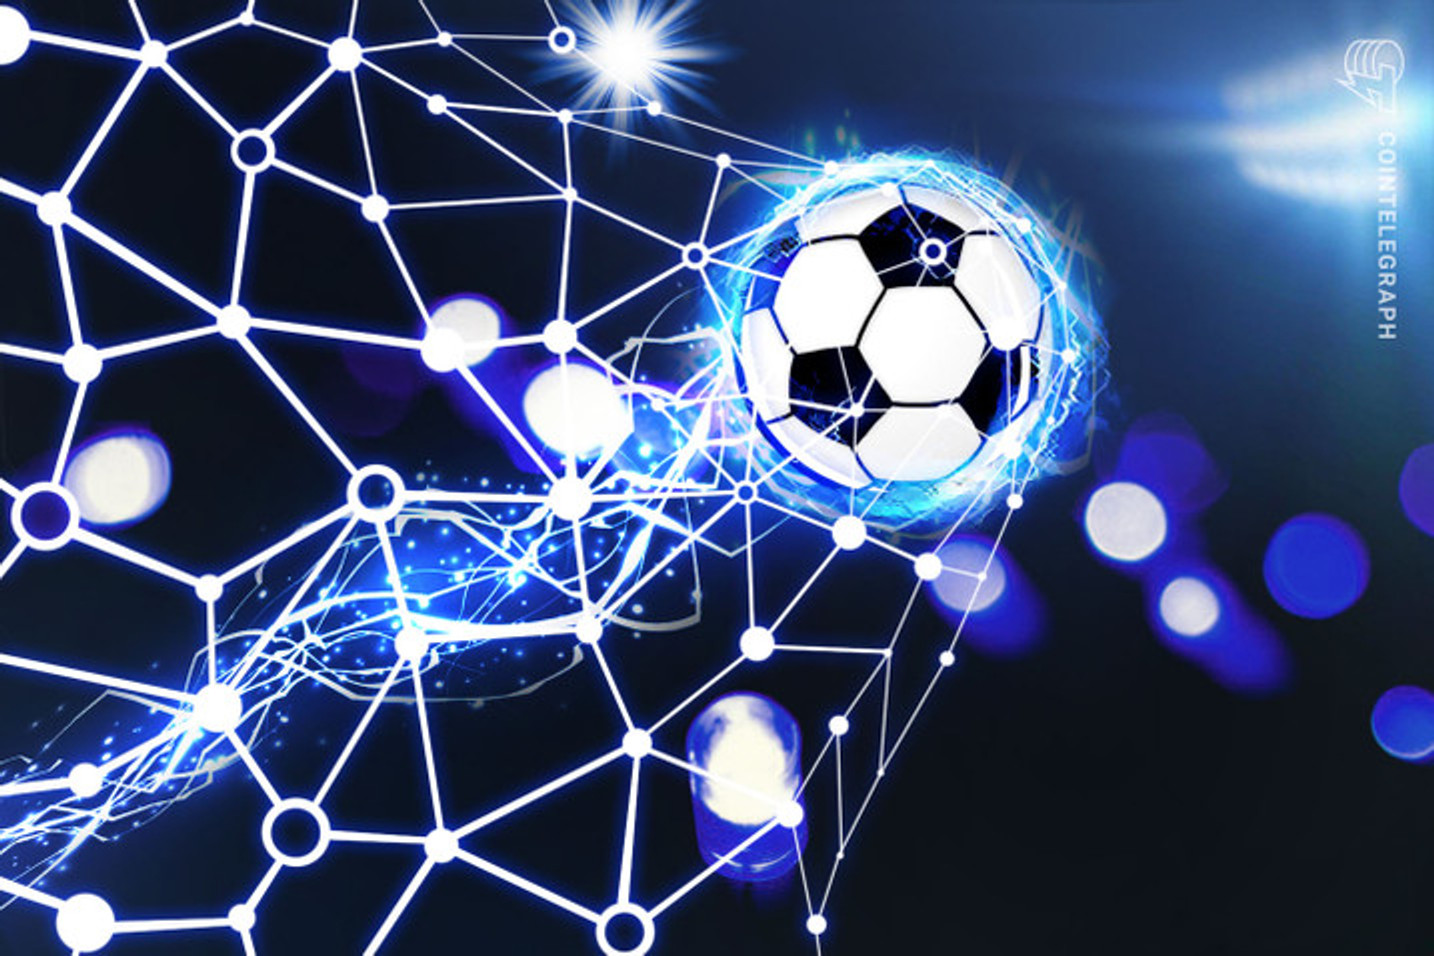 La imagen del futbolista Kylian Mbappé está siendo usada en una estafa relacionada con Bitcoin